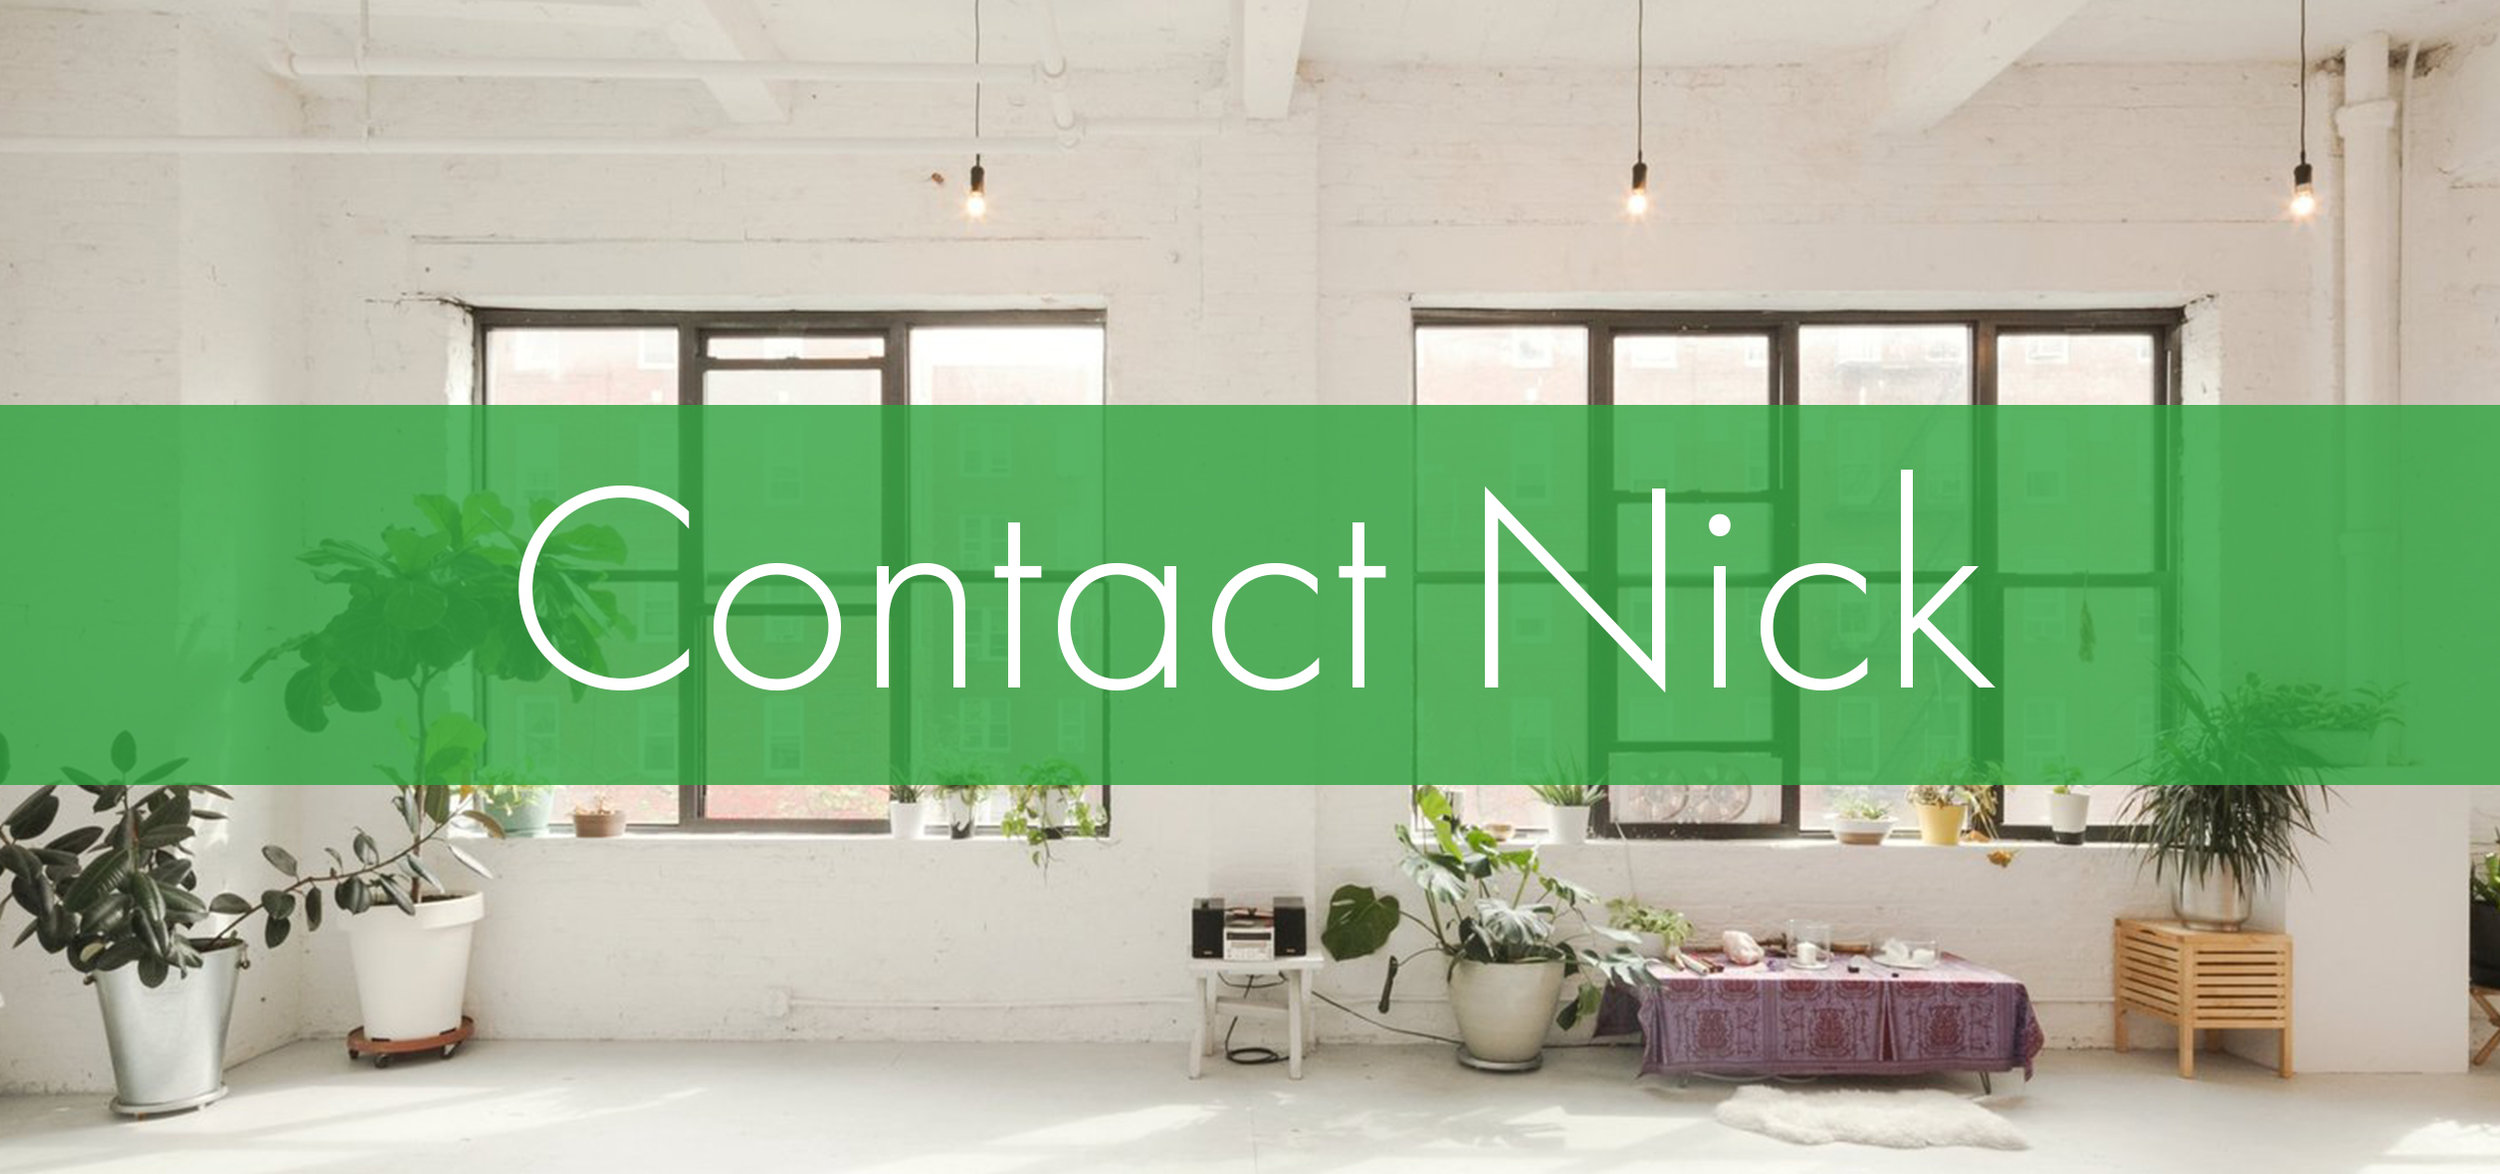 ContactNick.jpg